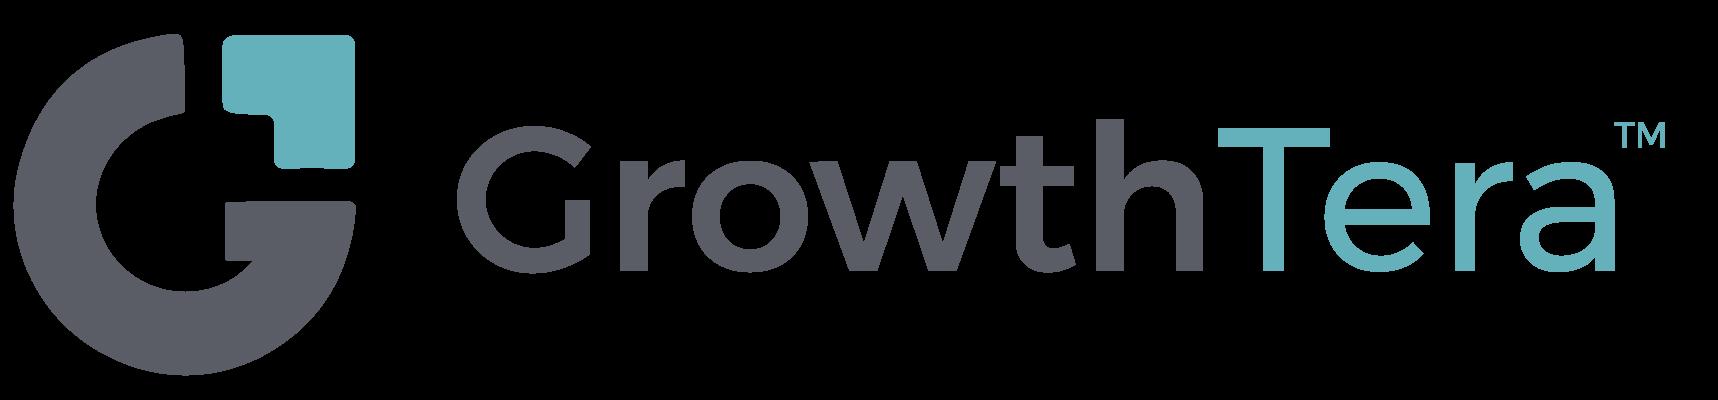 GrowthTera